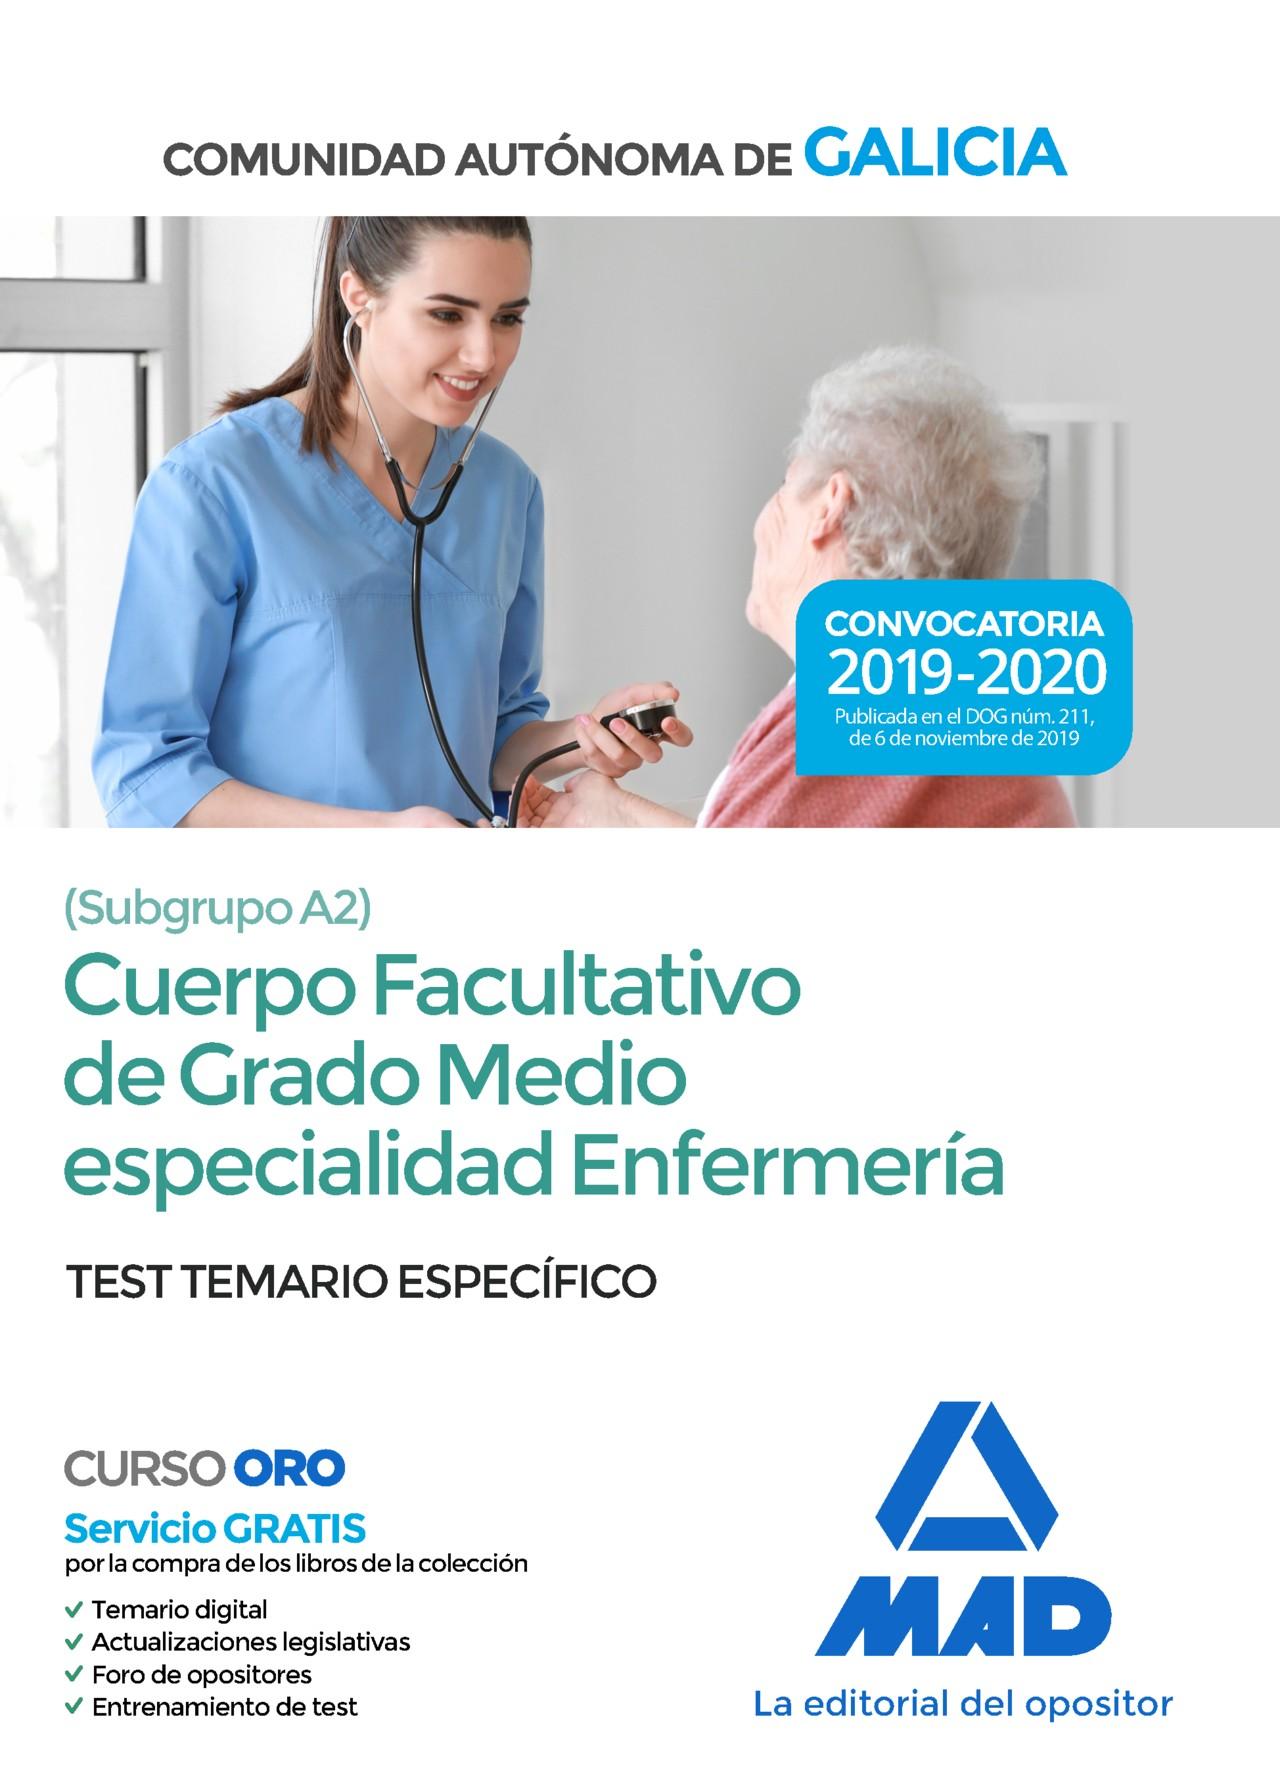 Cuerpo facultativo de grado medio de la Comunidad Autónoma de Galicia (subgrupo A2) especialidad enfermería